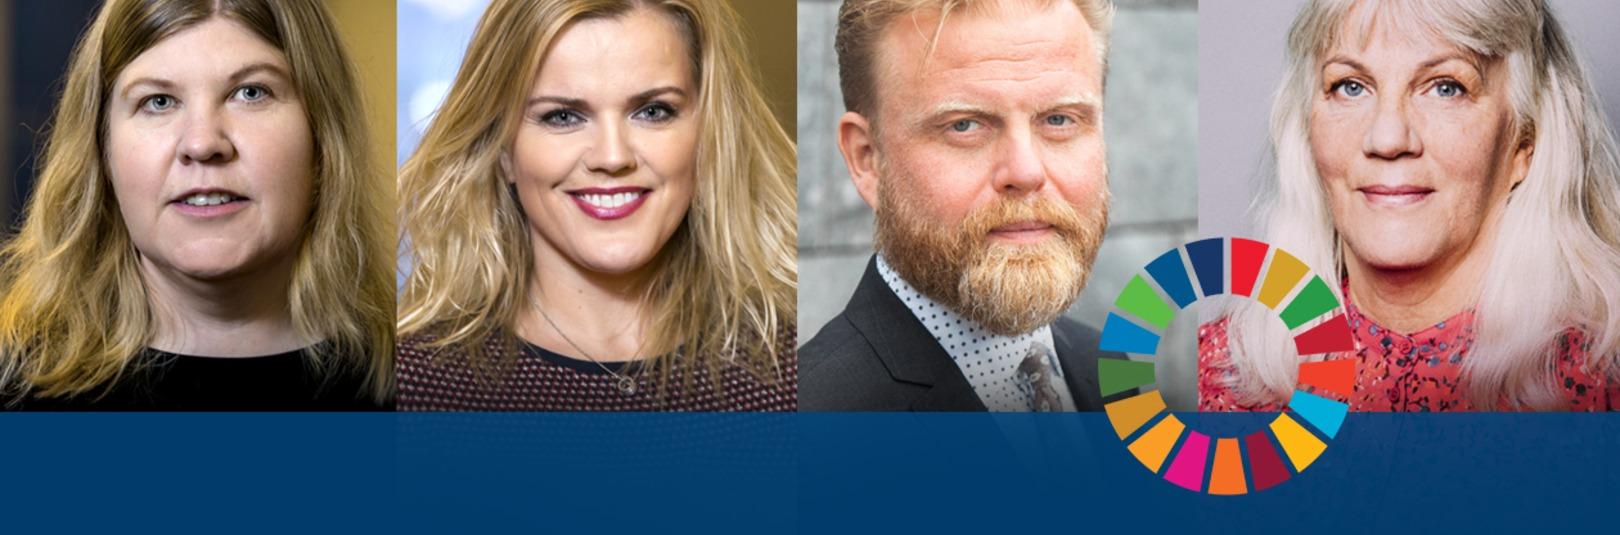 Háskólinn og heimsmarkmiðin – Engin fátækt - á vefsíðu Háskóla Íslands